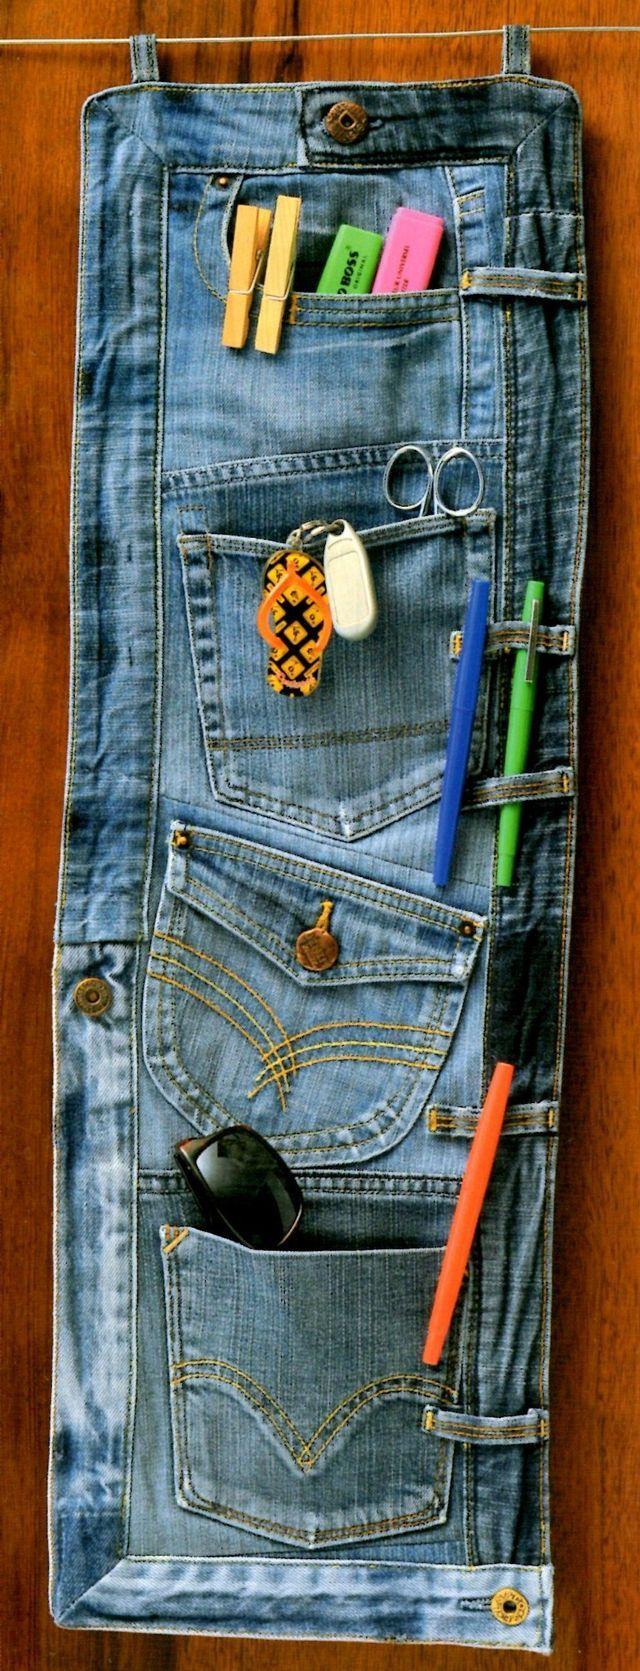 Una idea muy original para reciclar jeans usados. #jeans #demin #organizador